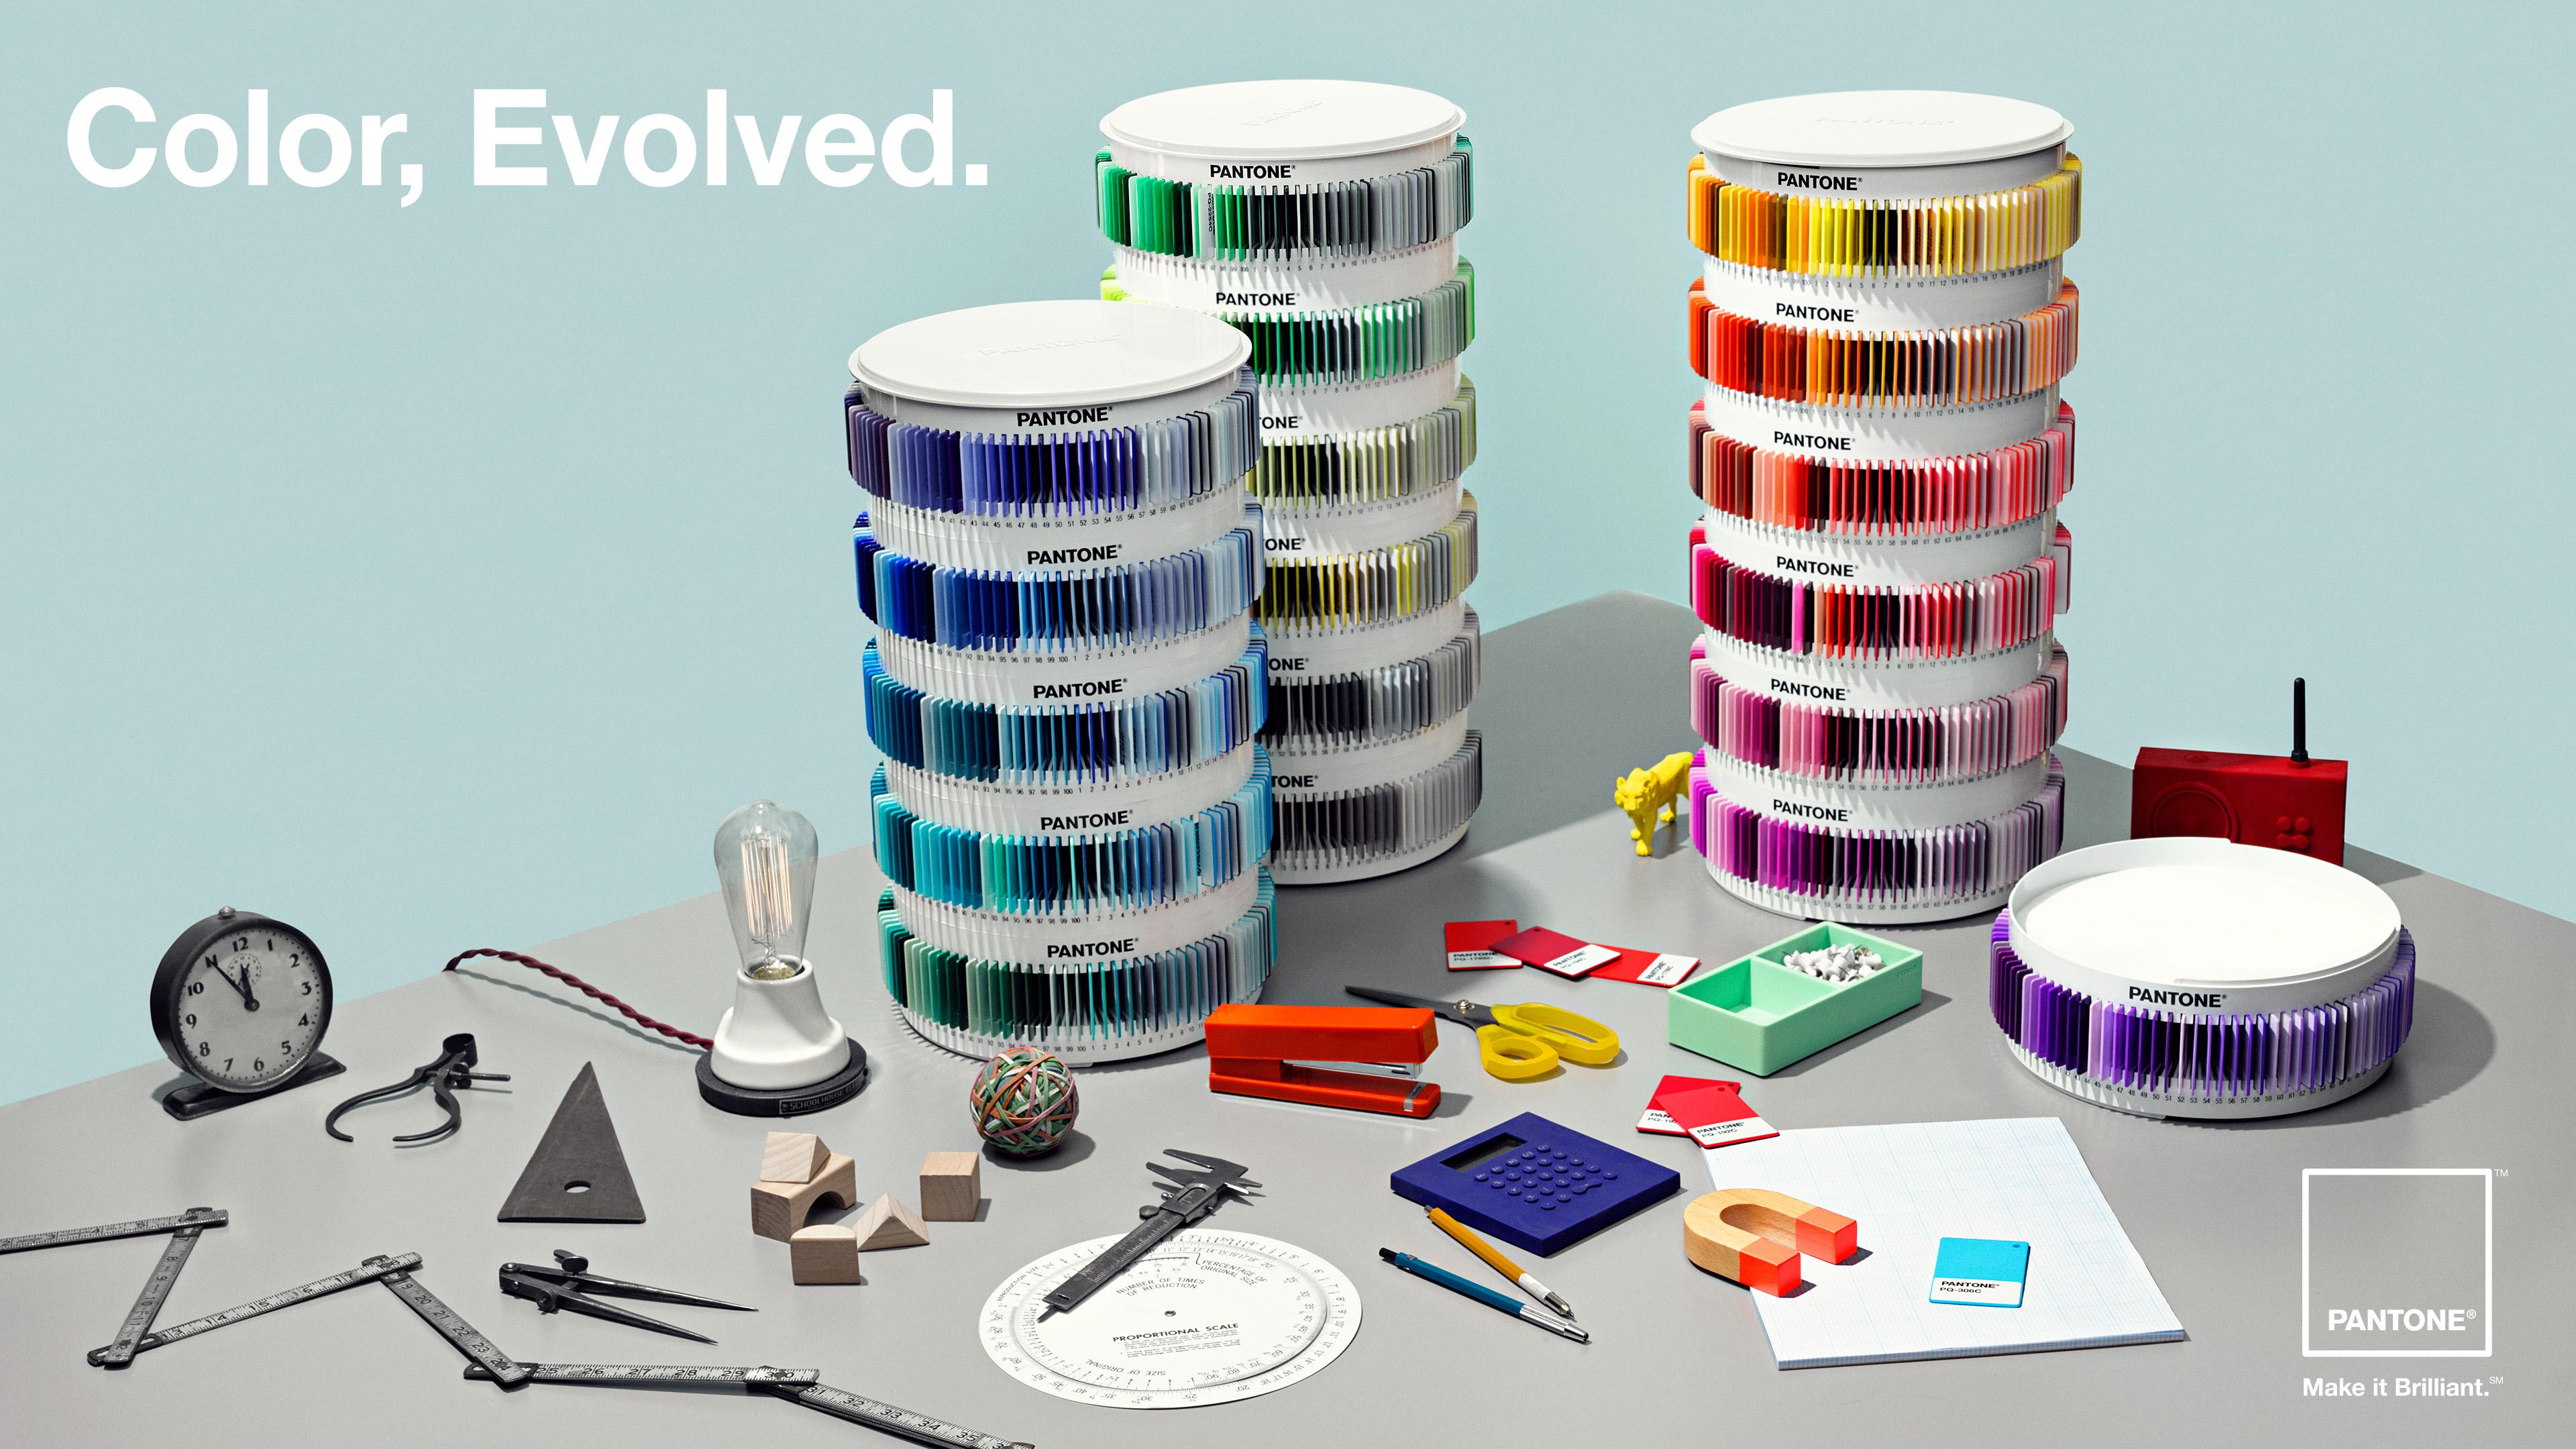 3840 X 2160 [ Landscape ] - Pantone Plus Plastic Standard Chips Collection , HD Wallpaper & Backgrounds